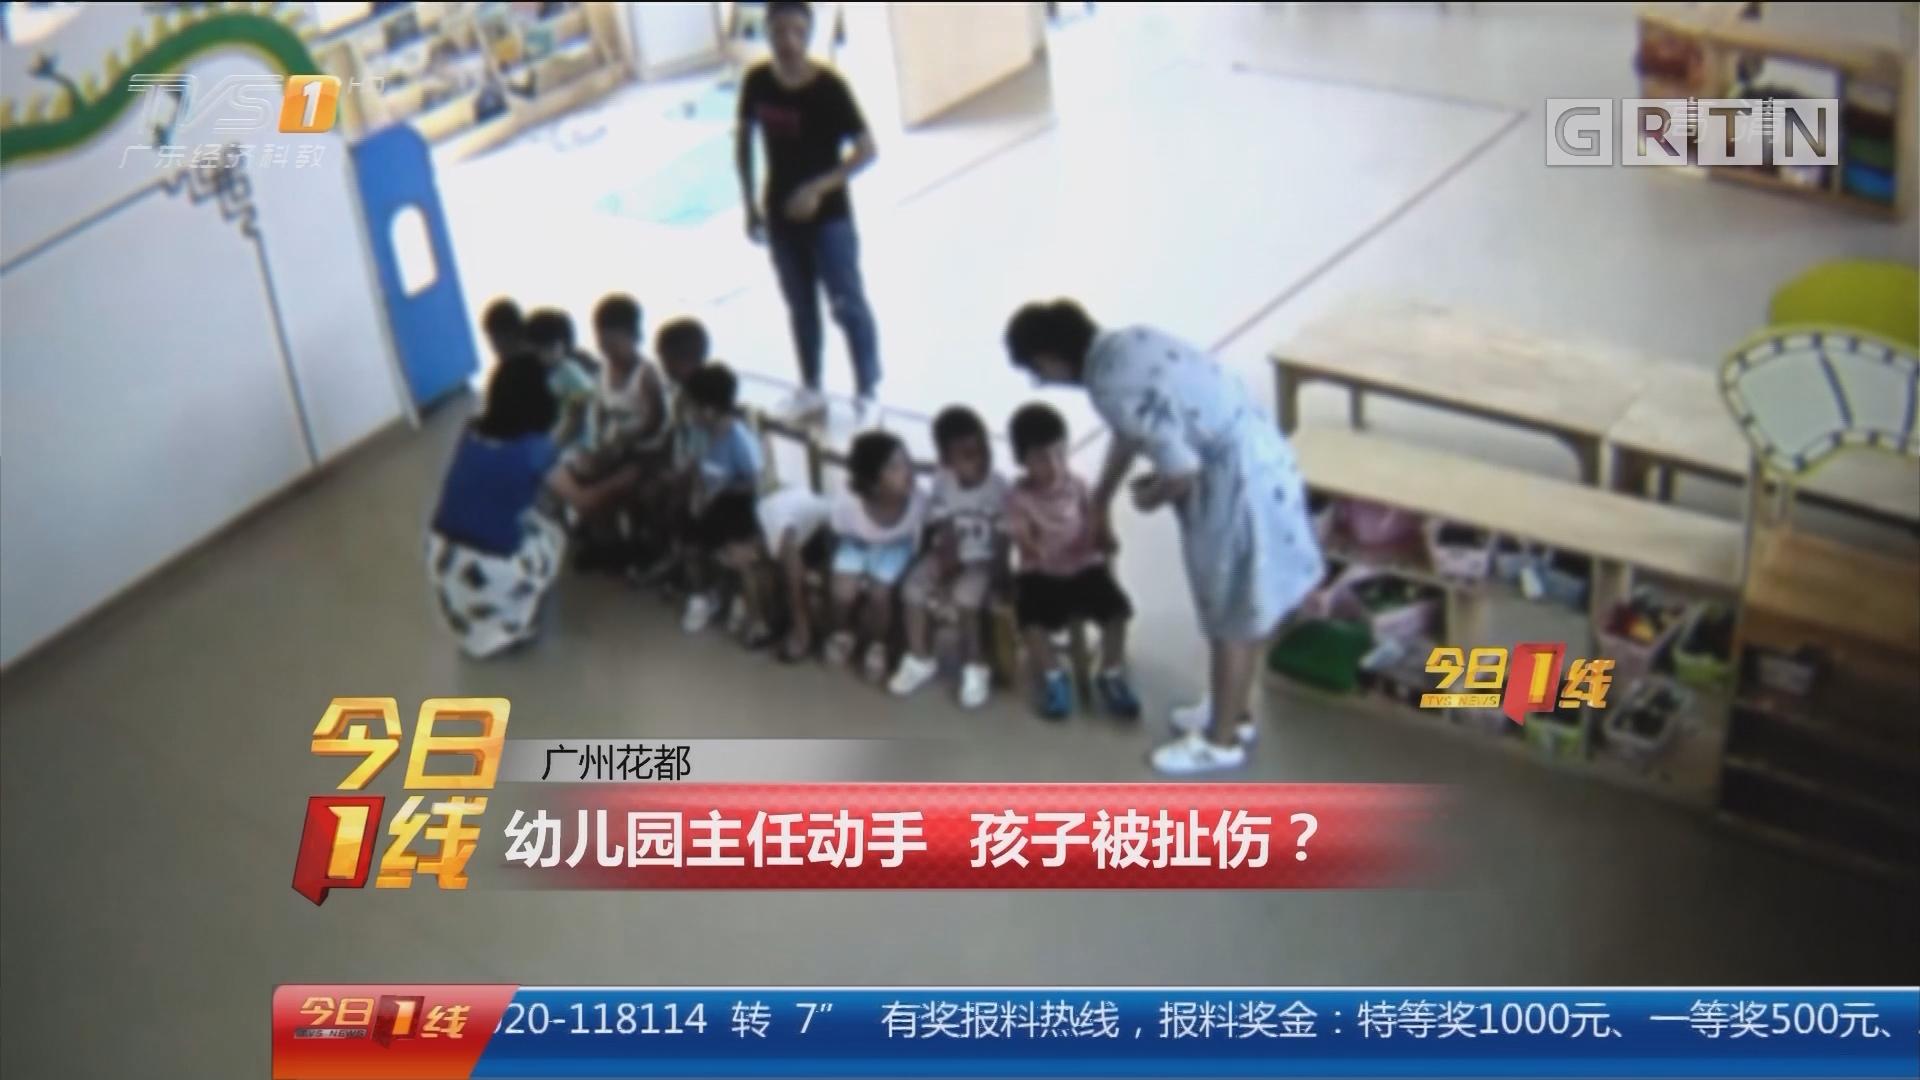 广州花都:幼儿园主任动手 孩子被扯伤?